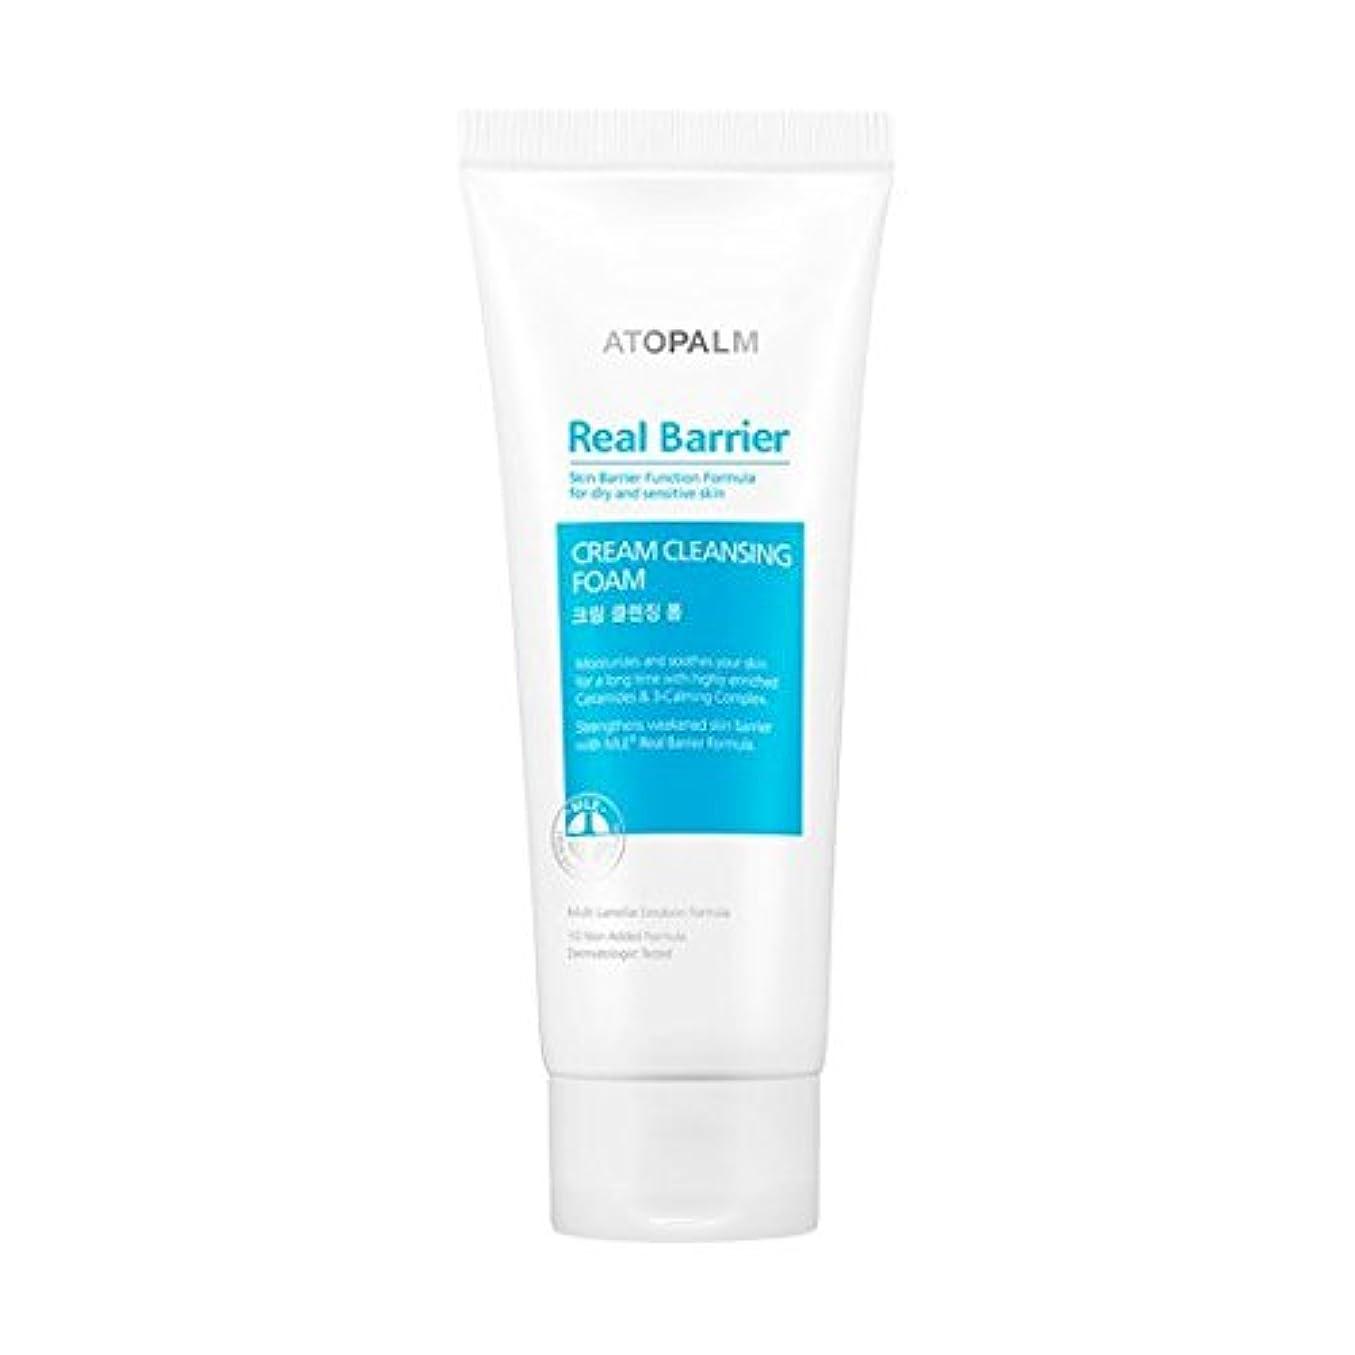 ブリリアント順応性ぐったり[Atopalm (韓国コスメ アトパーム)] Real barrier cream cleansing foam (150g) リアルバリアクリームクレンジング?フォーム[並行輸入品][海外直送品]